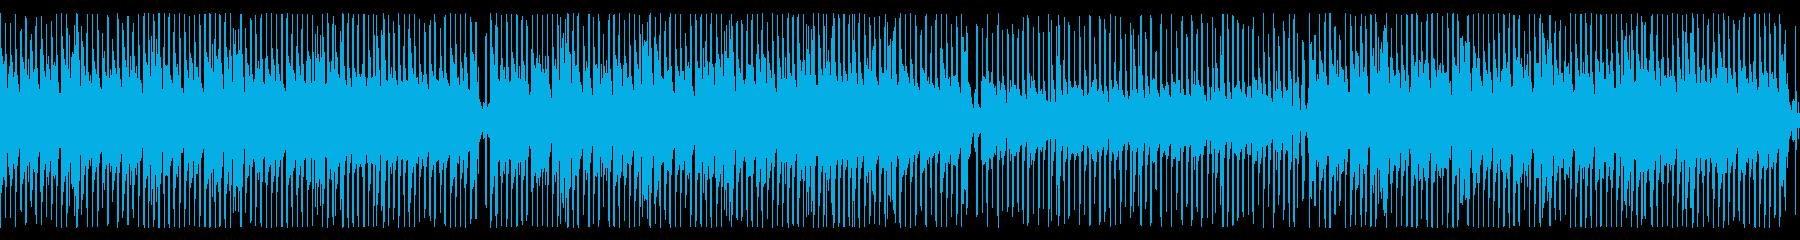 生演奏、楽しいカントリーポップ、Xmasの再生済みの波形